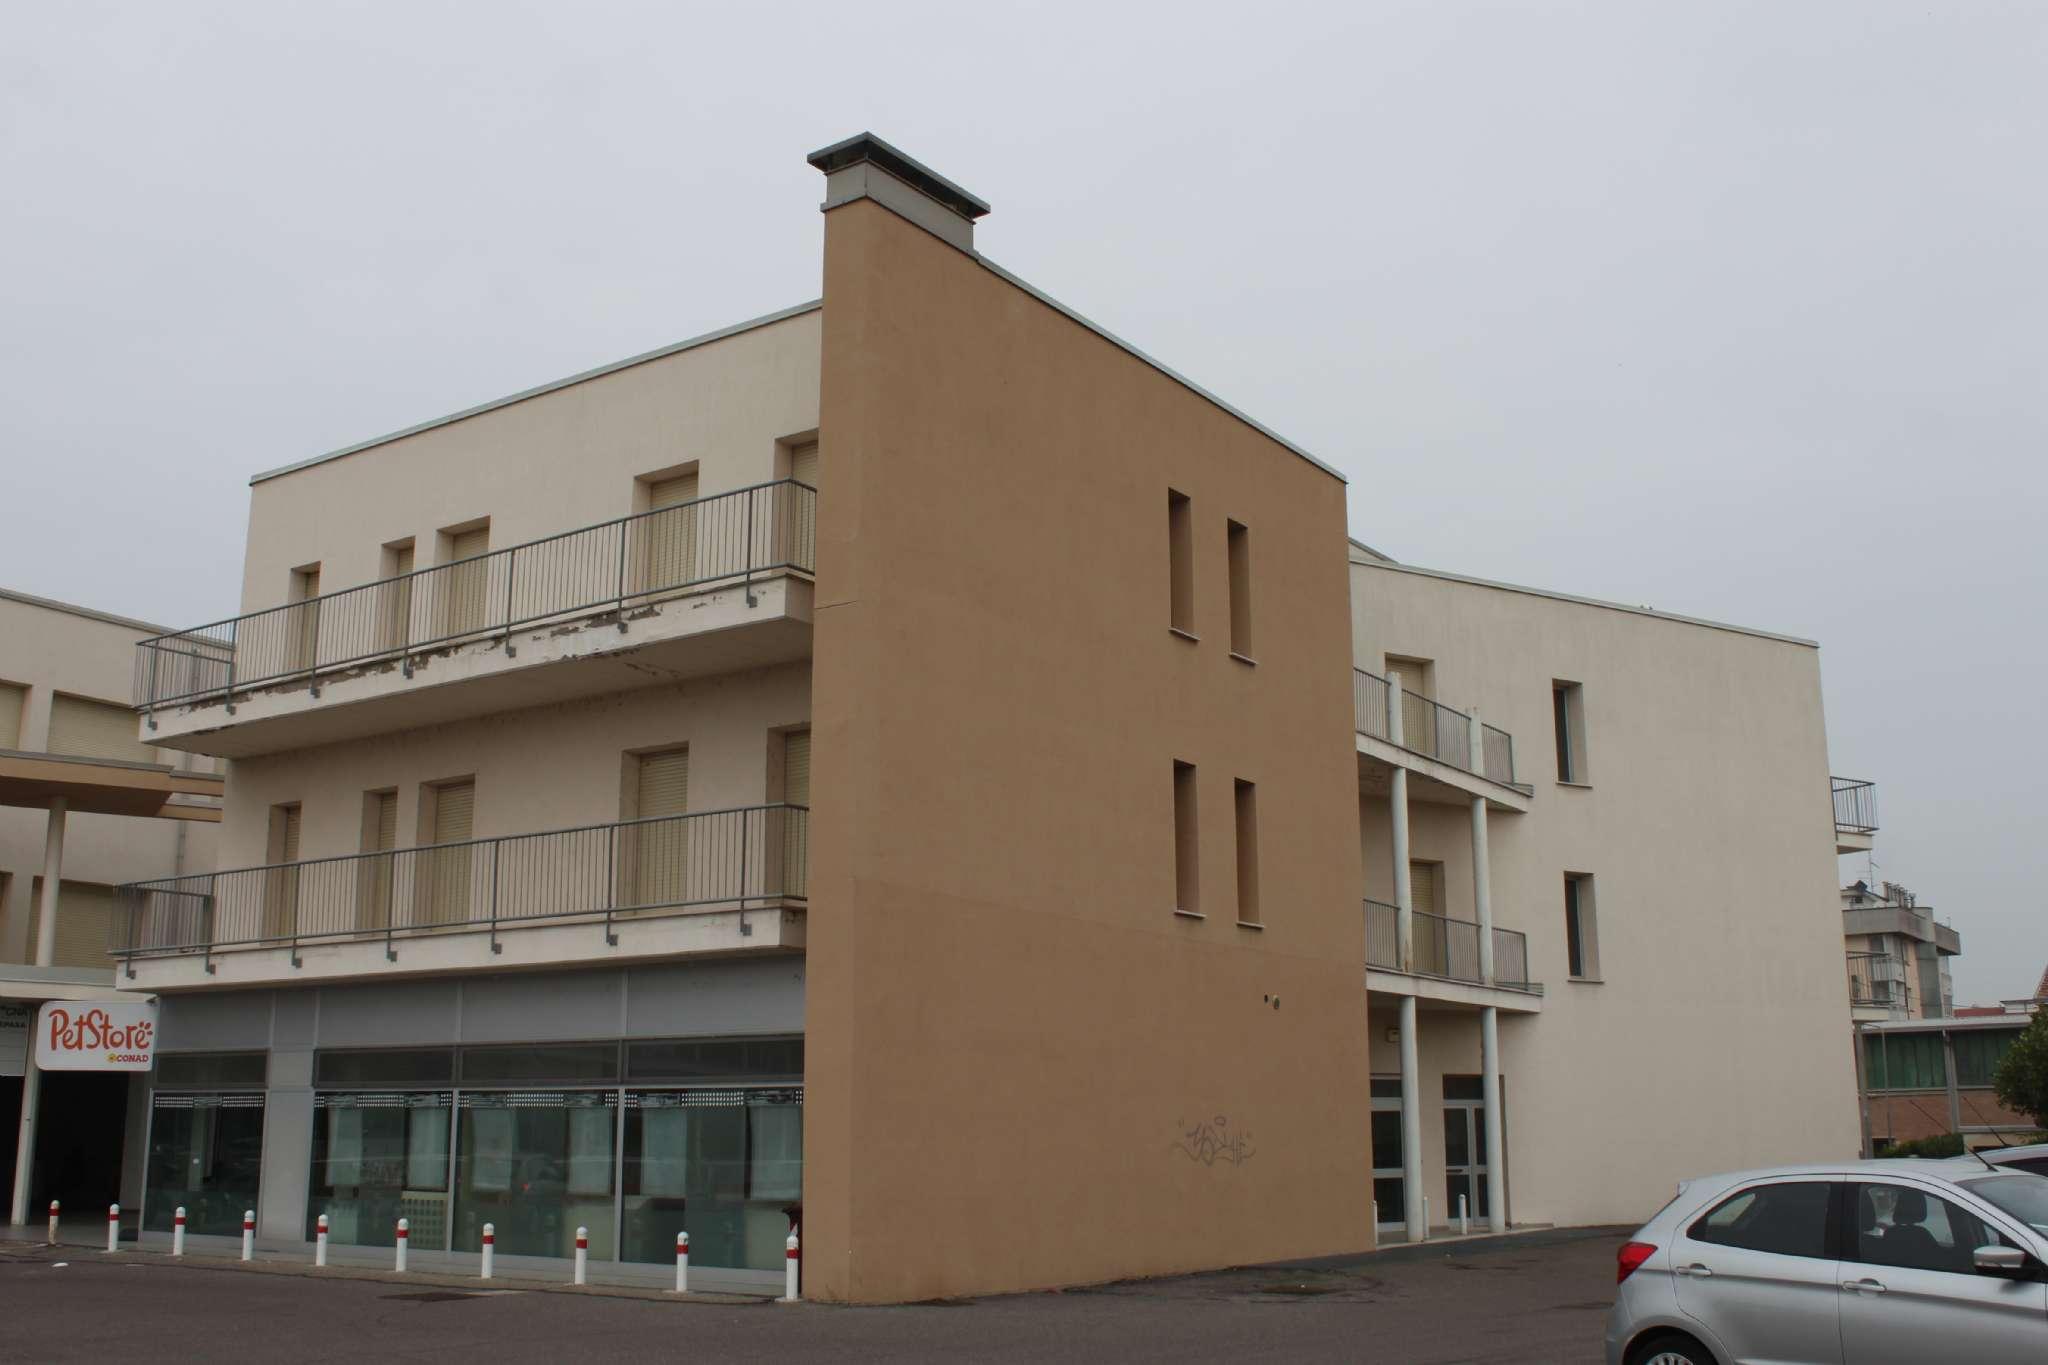 Appartamento in vendita a Guastalla, 3 locali, prezzo € 88.000 | CambioCasa.it